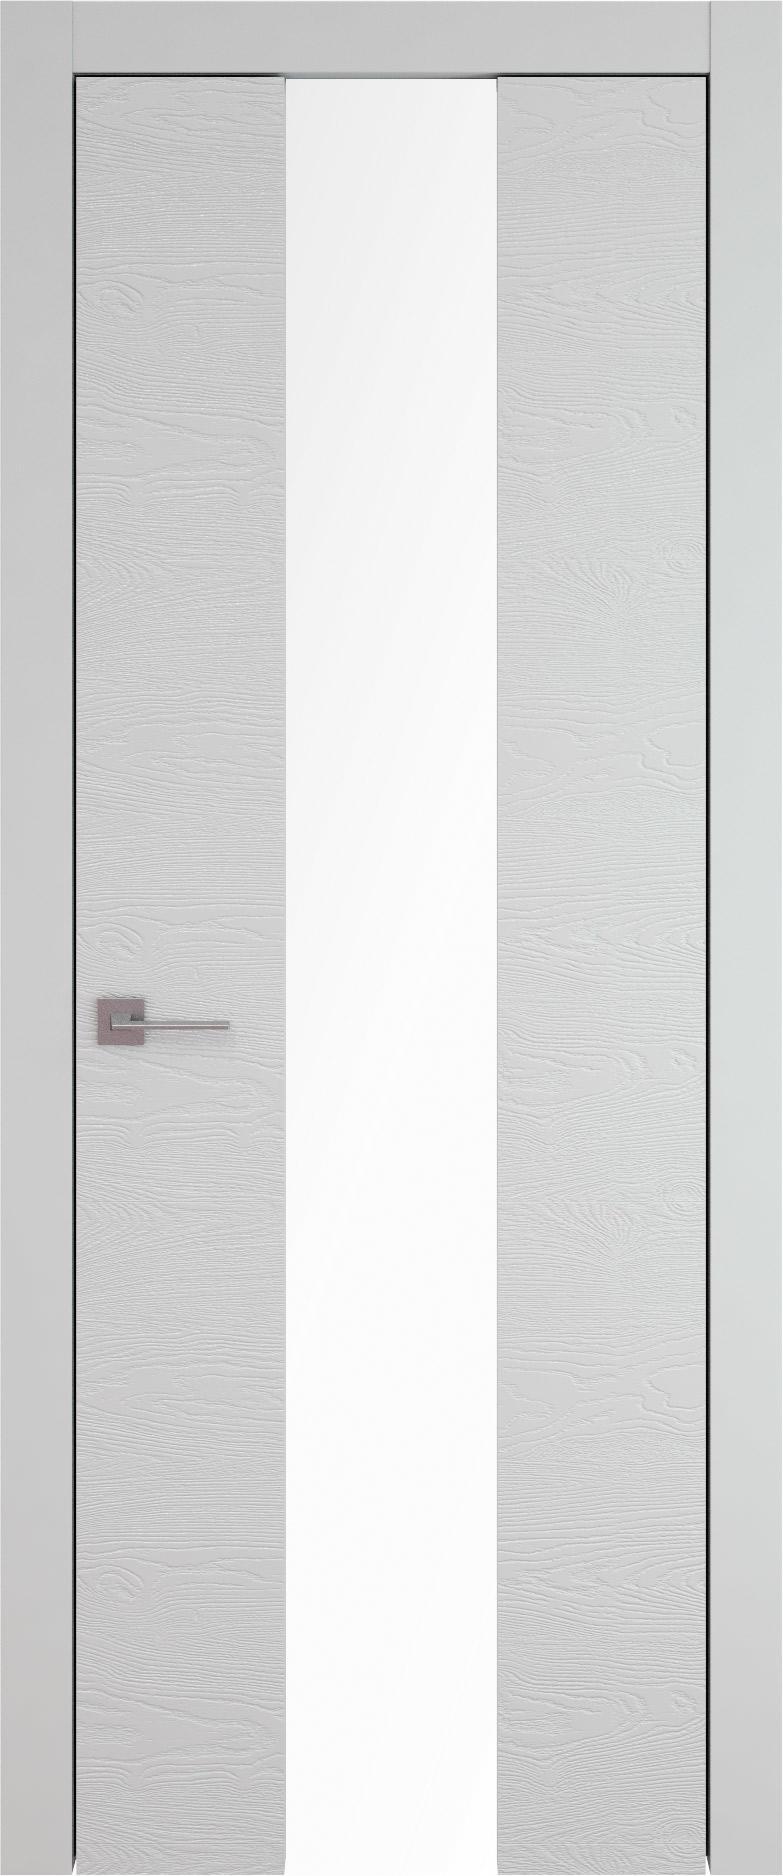 Tivoli Ж-5 цвет - Серая эмаль по шпону (RAL 7047) Со стеклом (ДО)